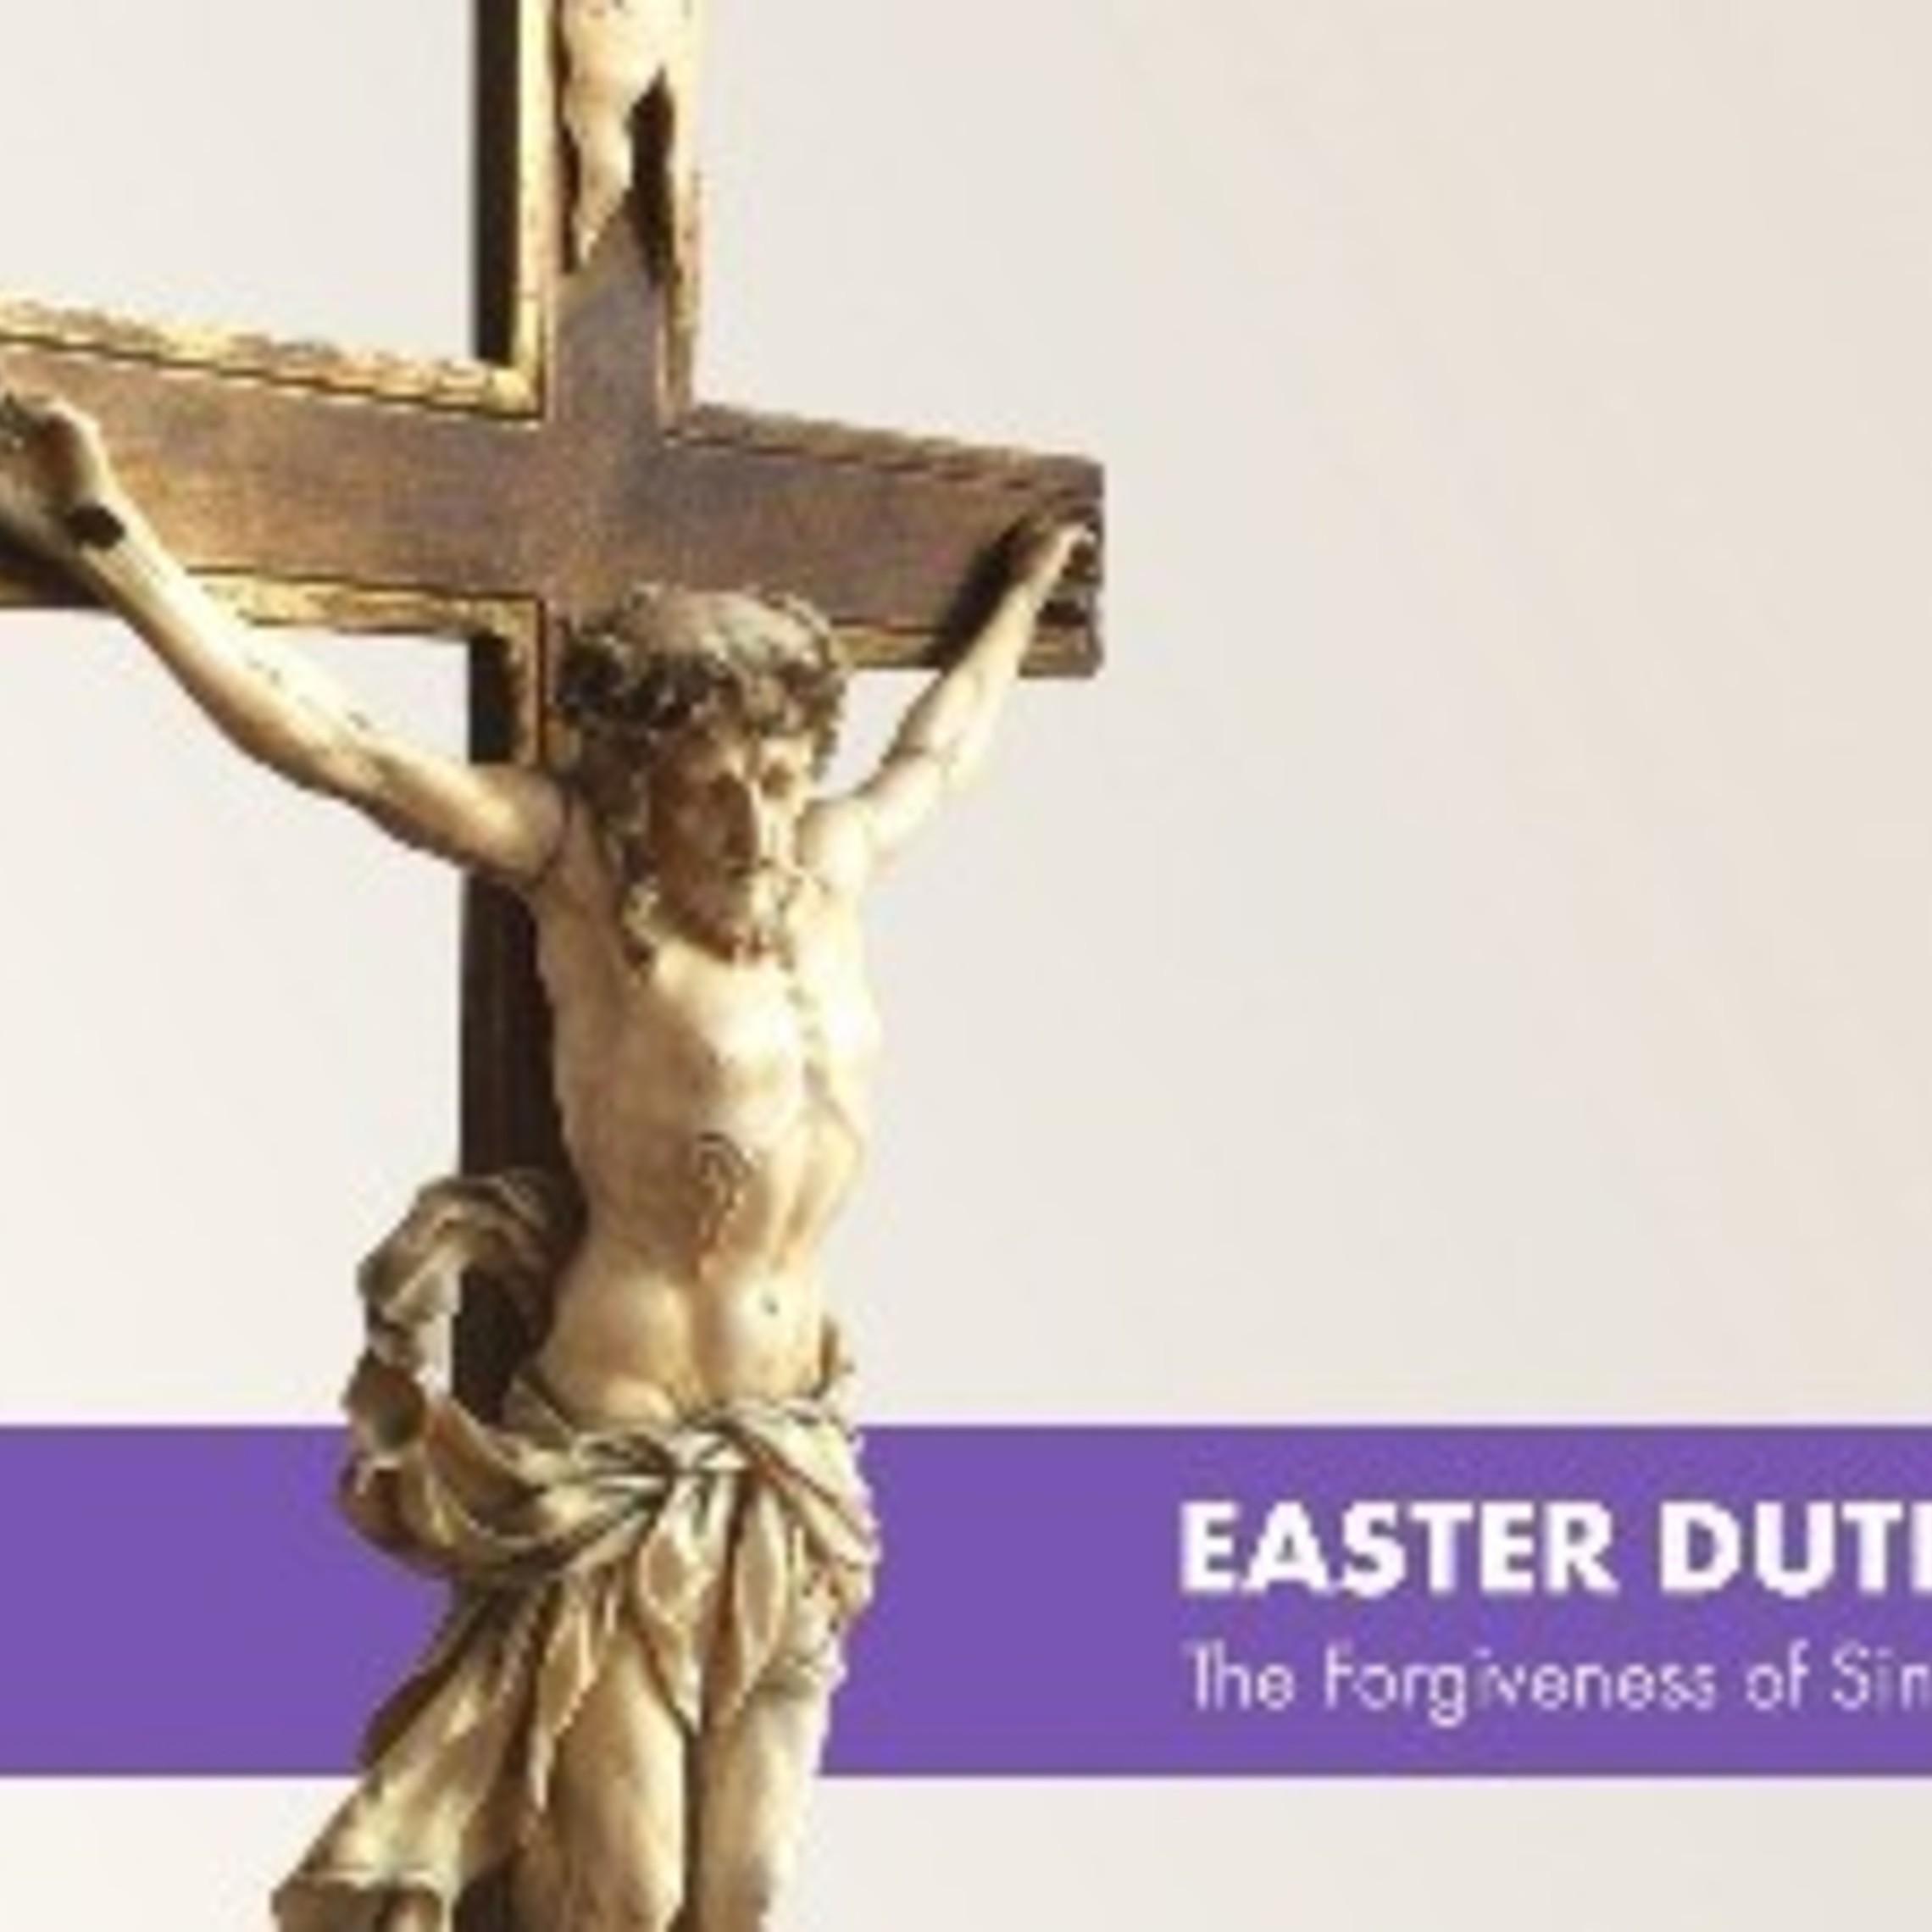 Easter Duties V2400